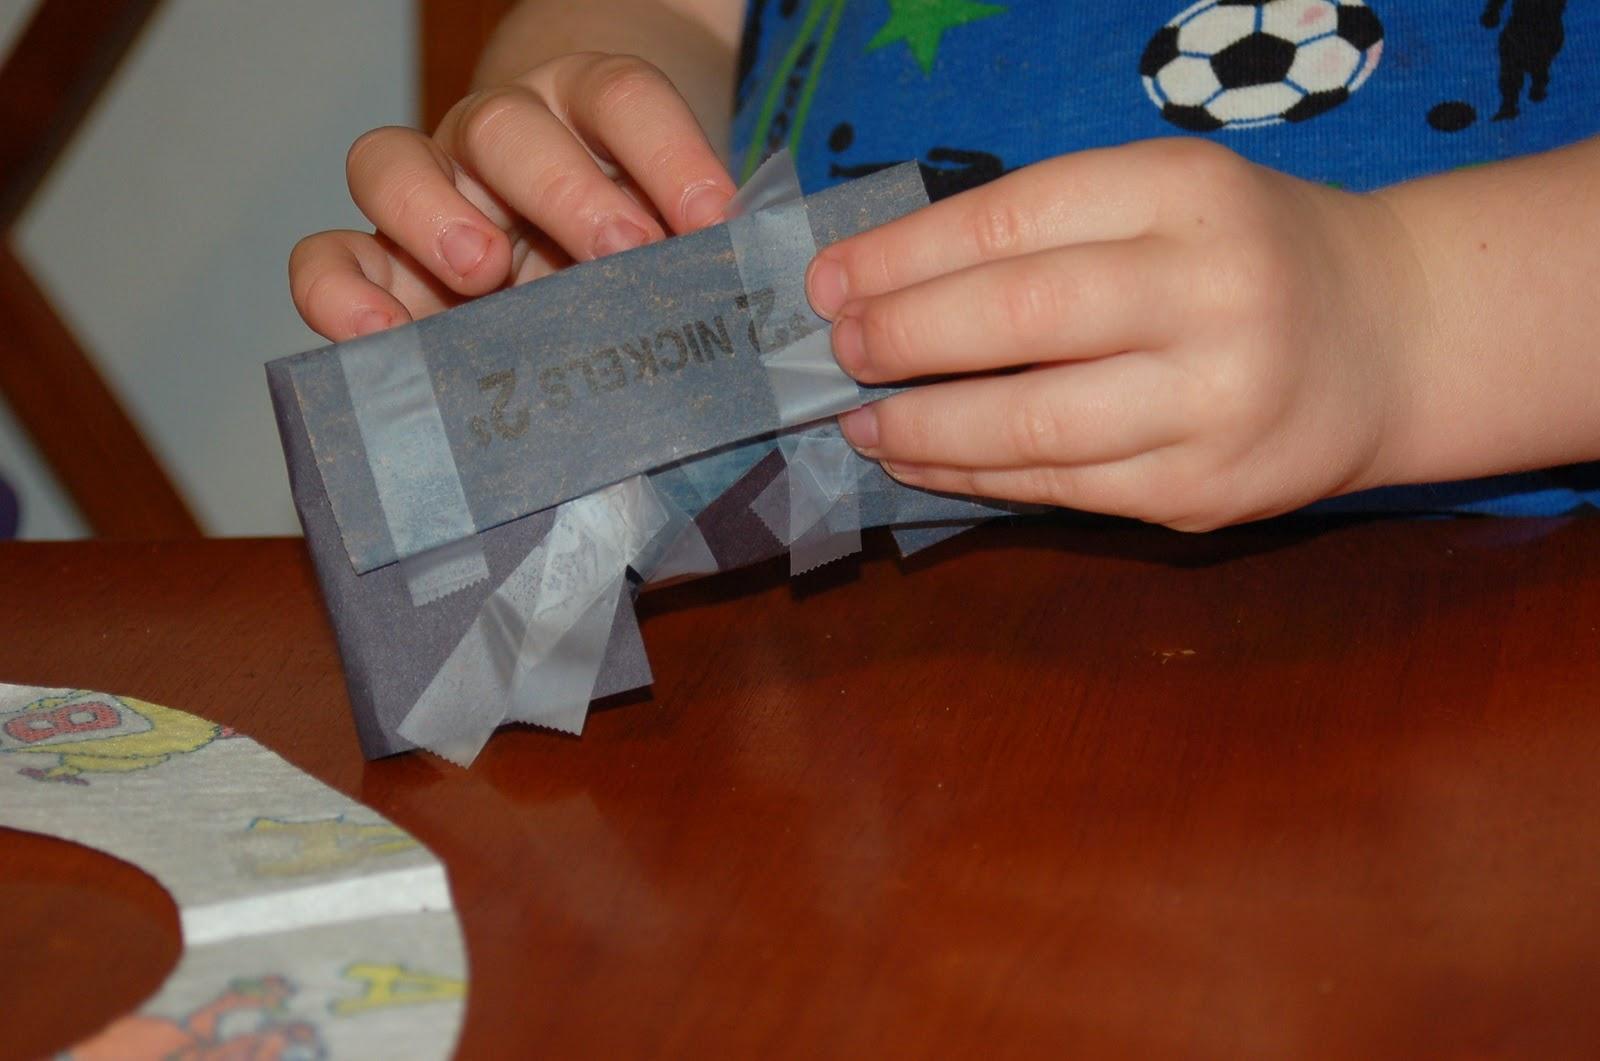 Comment faire conna tre vos propres inventions comment fait - Comment commercialiser une invention ...